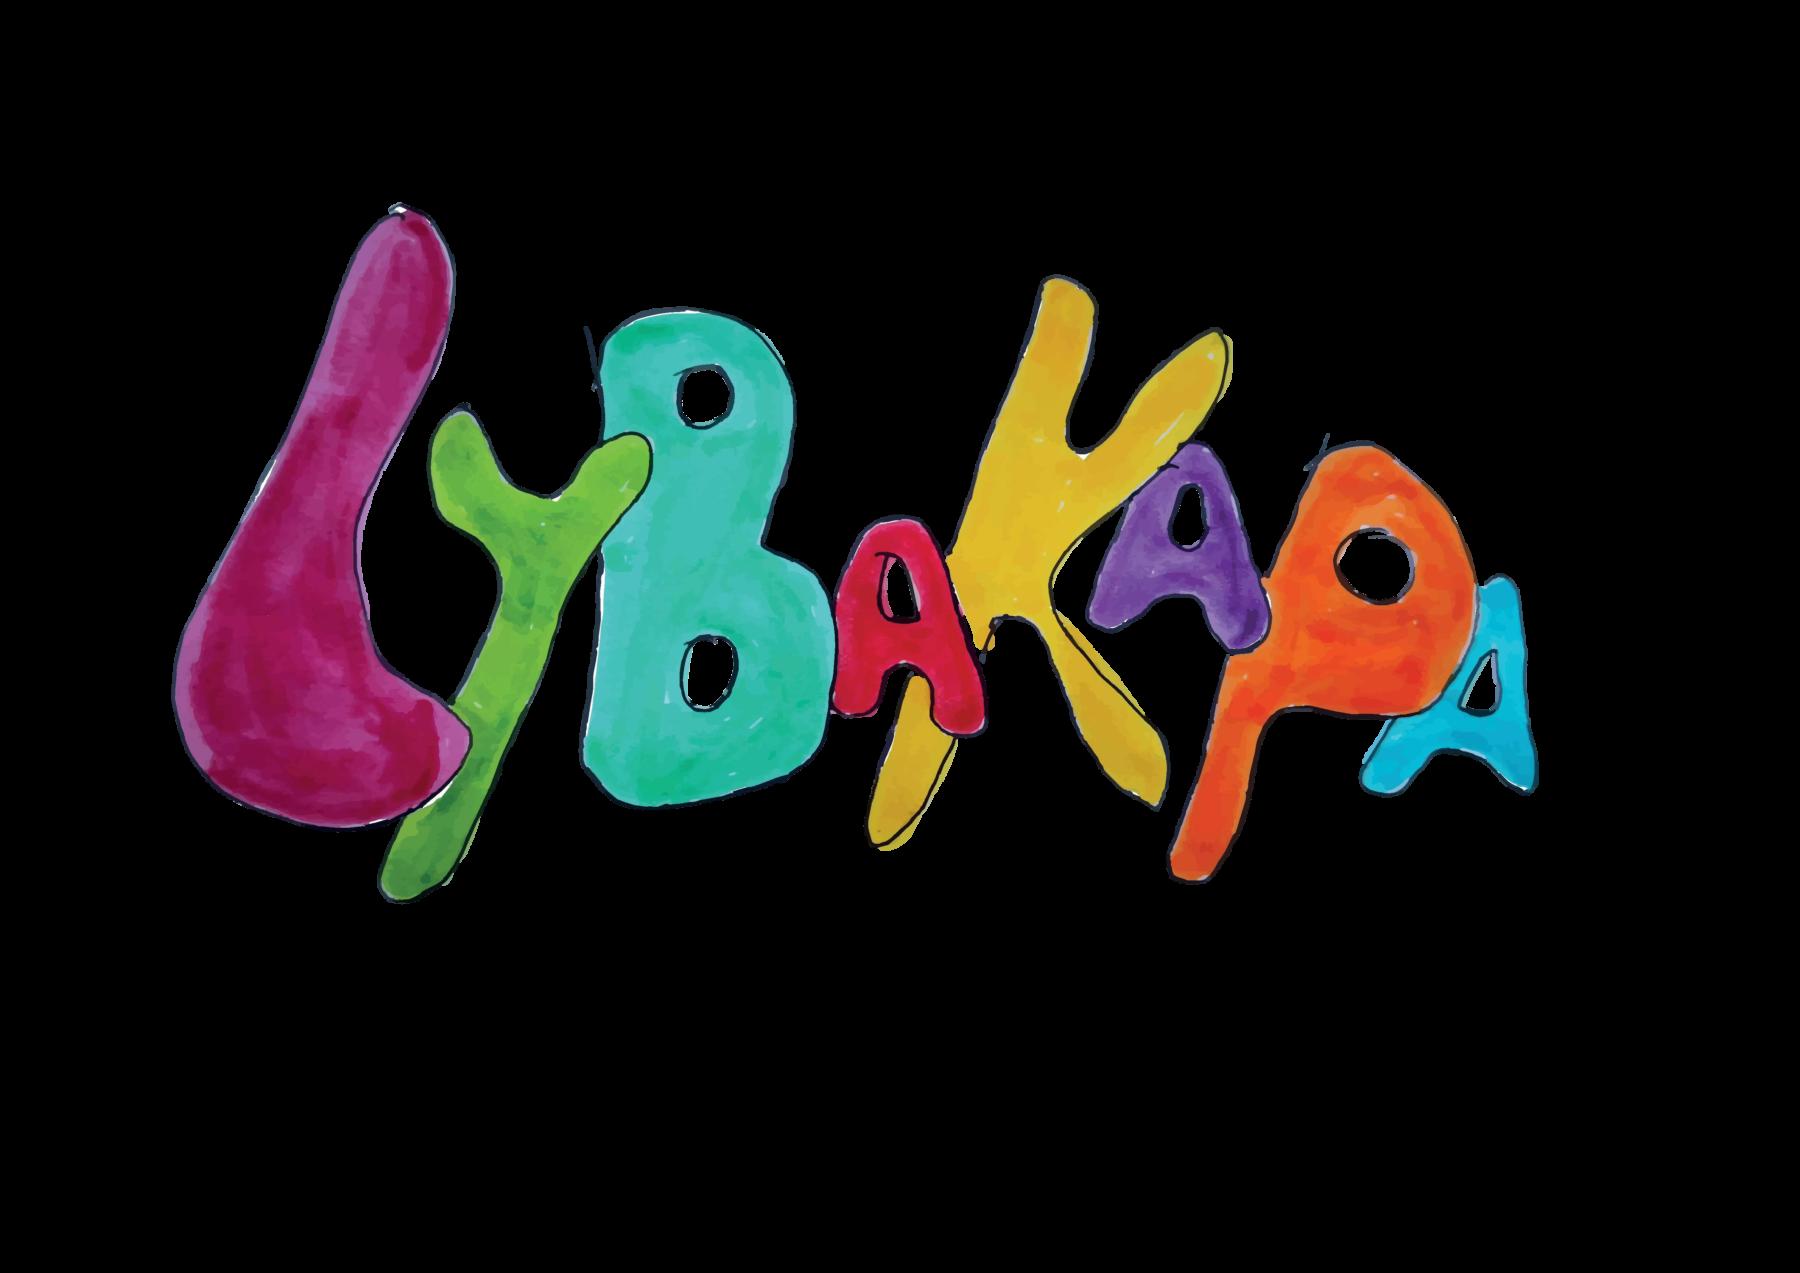 LyBaKaPa